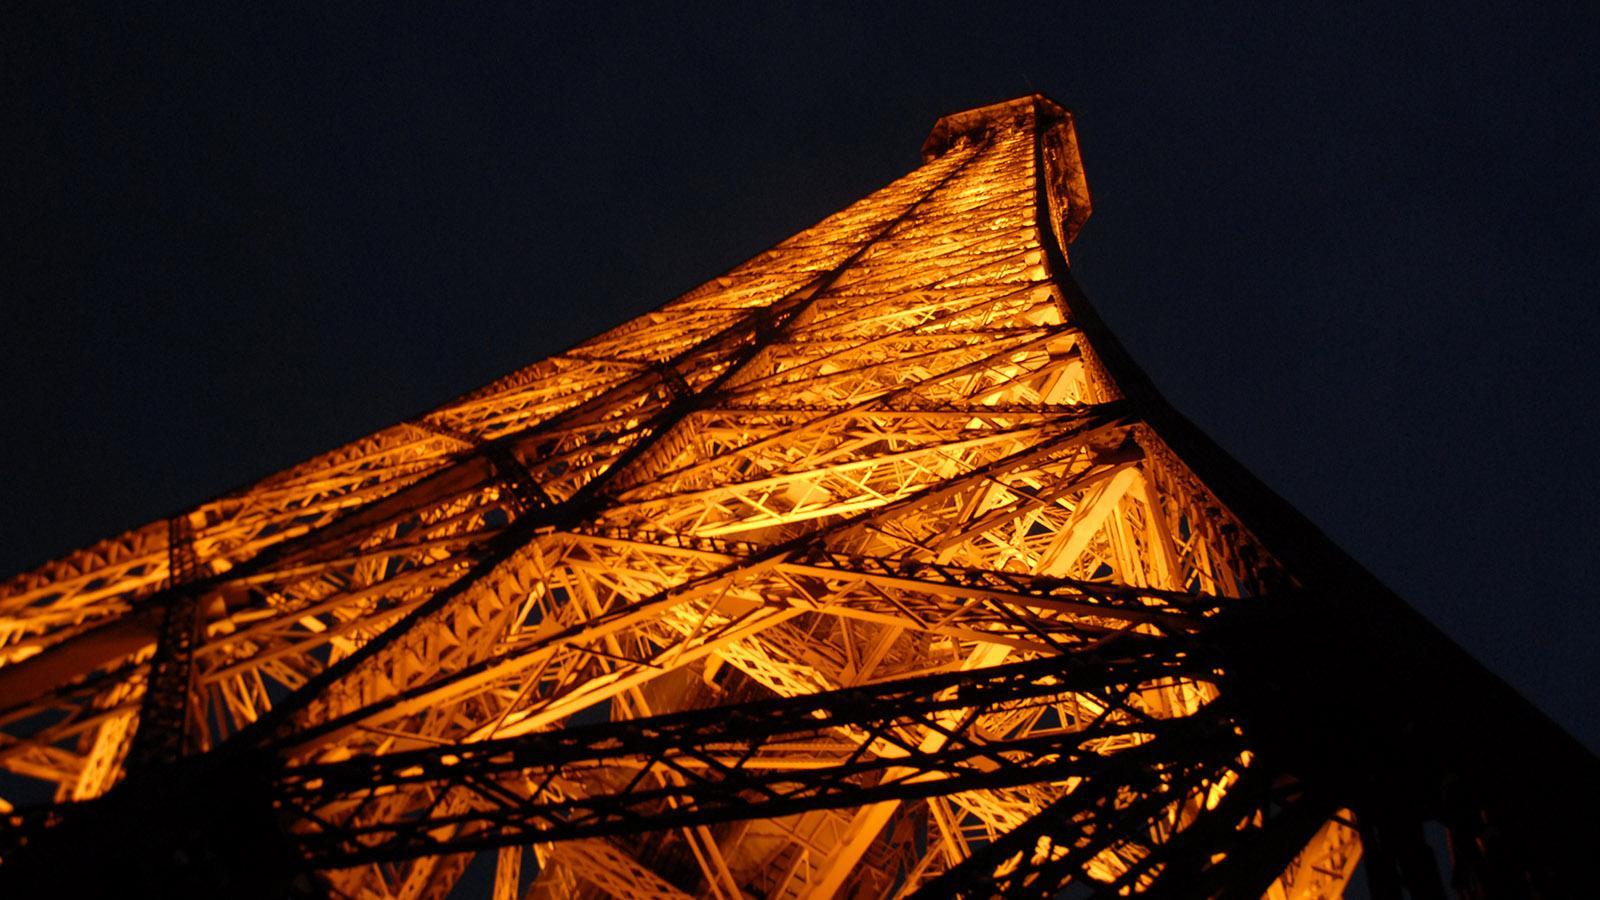 Der Eiffelturm (Tour Eiffel) bei Nacht. Foto: Hilke Maunder